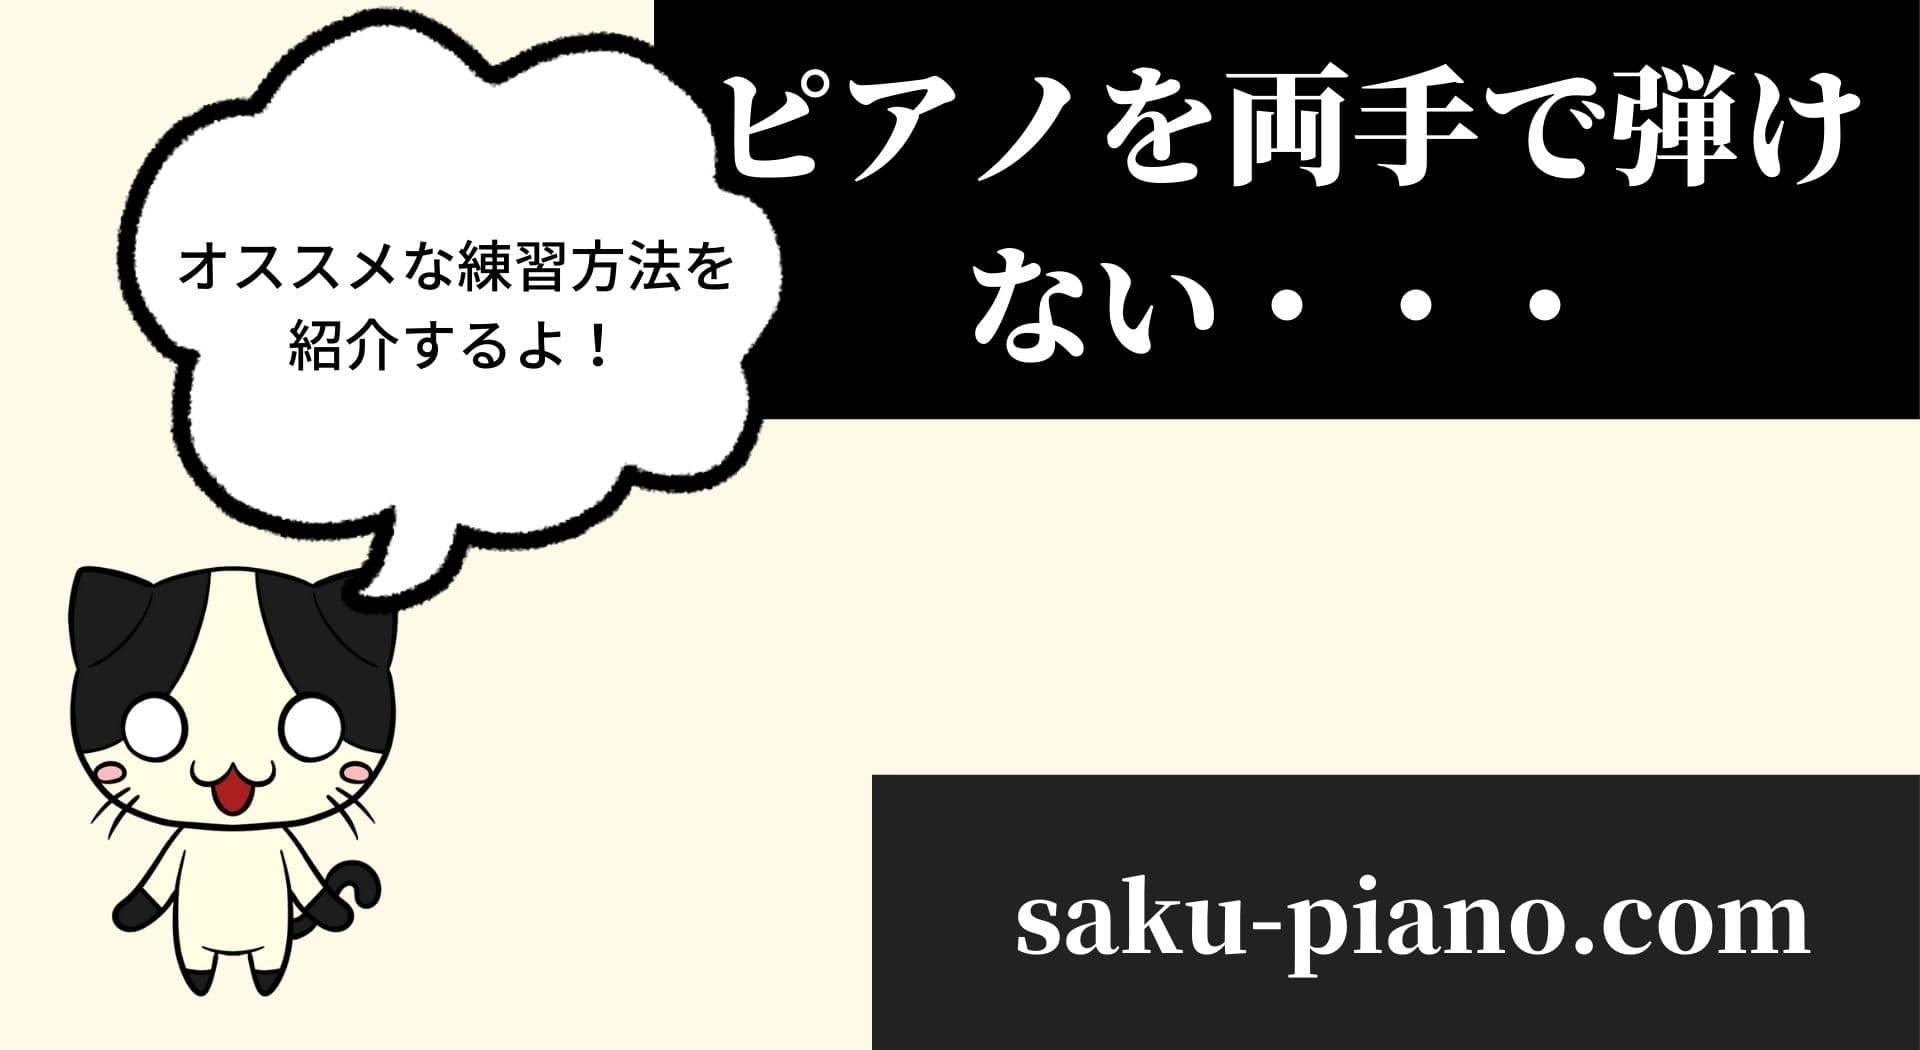 「ピアノを両手で弾けないときの、オススメ練習方法は?【独学者が解説】」のアイキャッチ画像